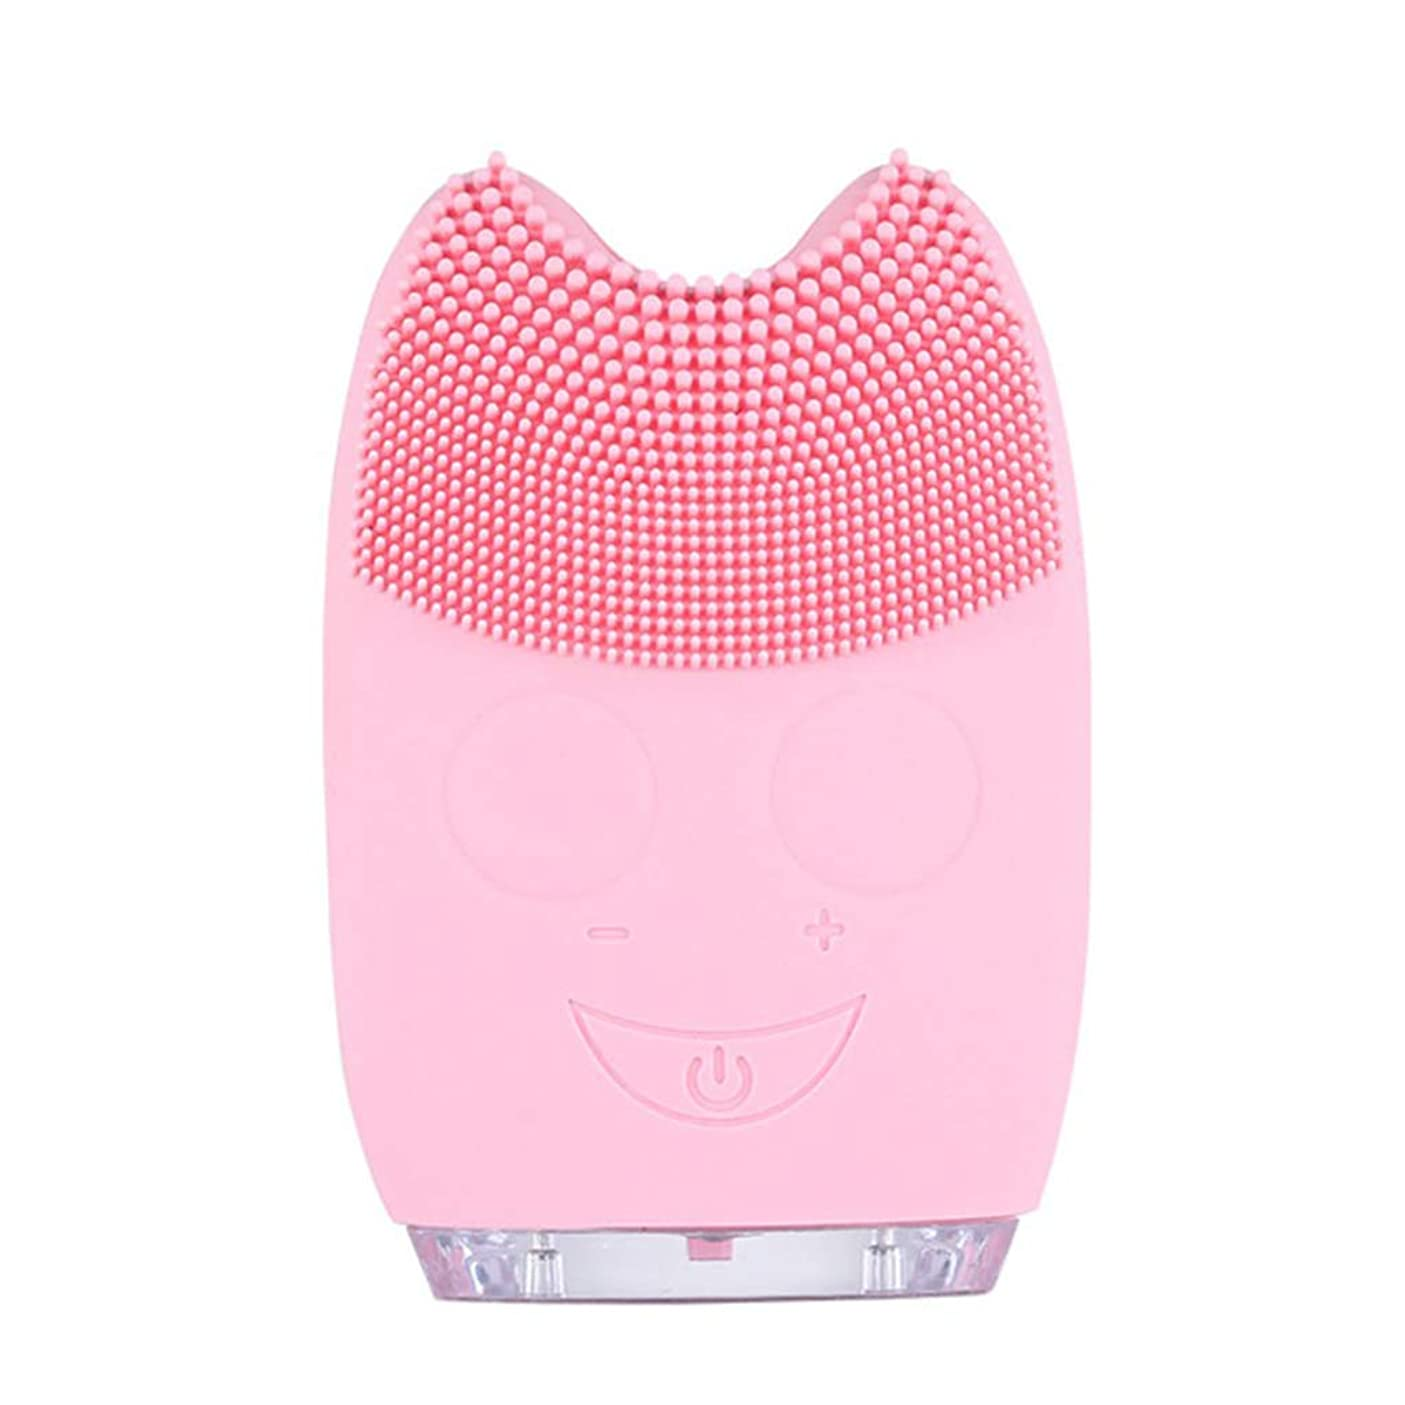 避難する甘くする学校教育Qi フェイシャルクレンザーブラシ、防水ミニ電動マッサージマシンシリコンフェイシャルクレンジングデバイスツール GQ (色 : Pink)